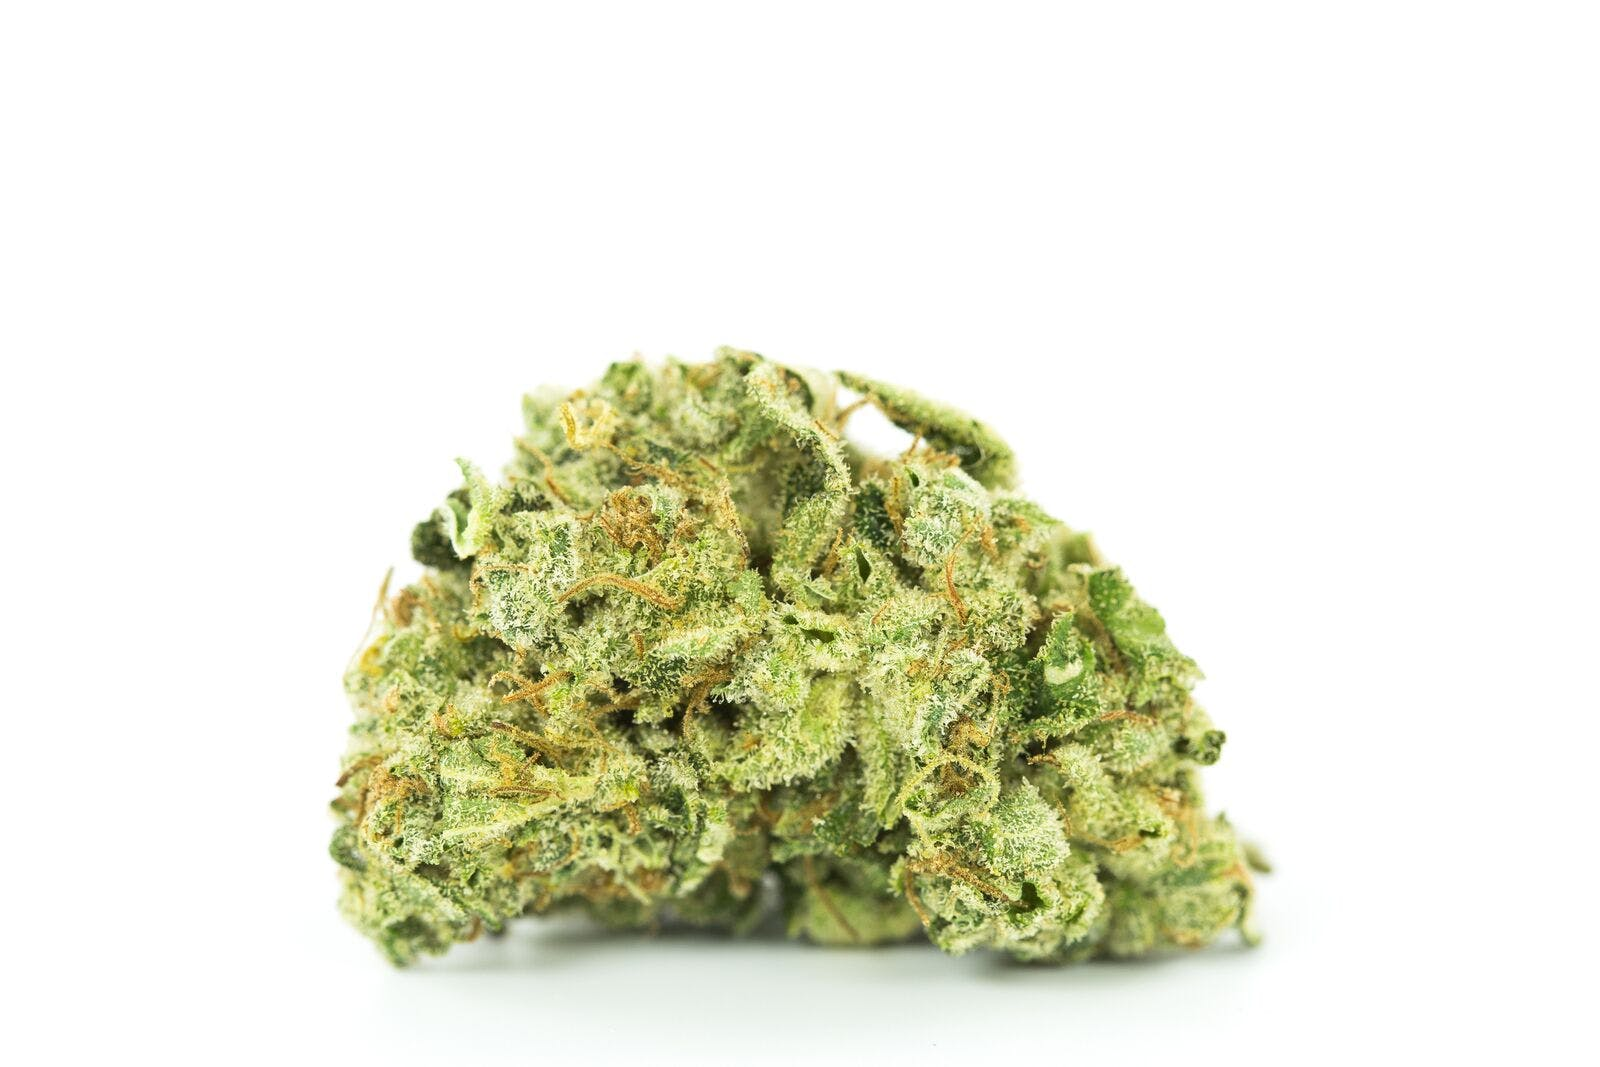 Alien Stardawg Weed; Alien Stardawg Cannabis Strain; Alien Stardawg Hybrid Cannabis Strain